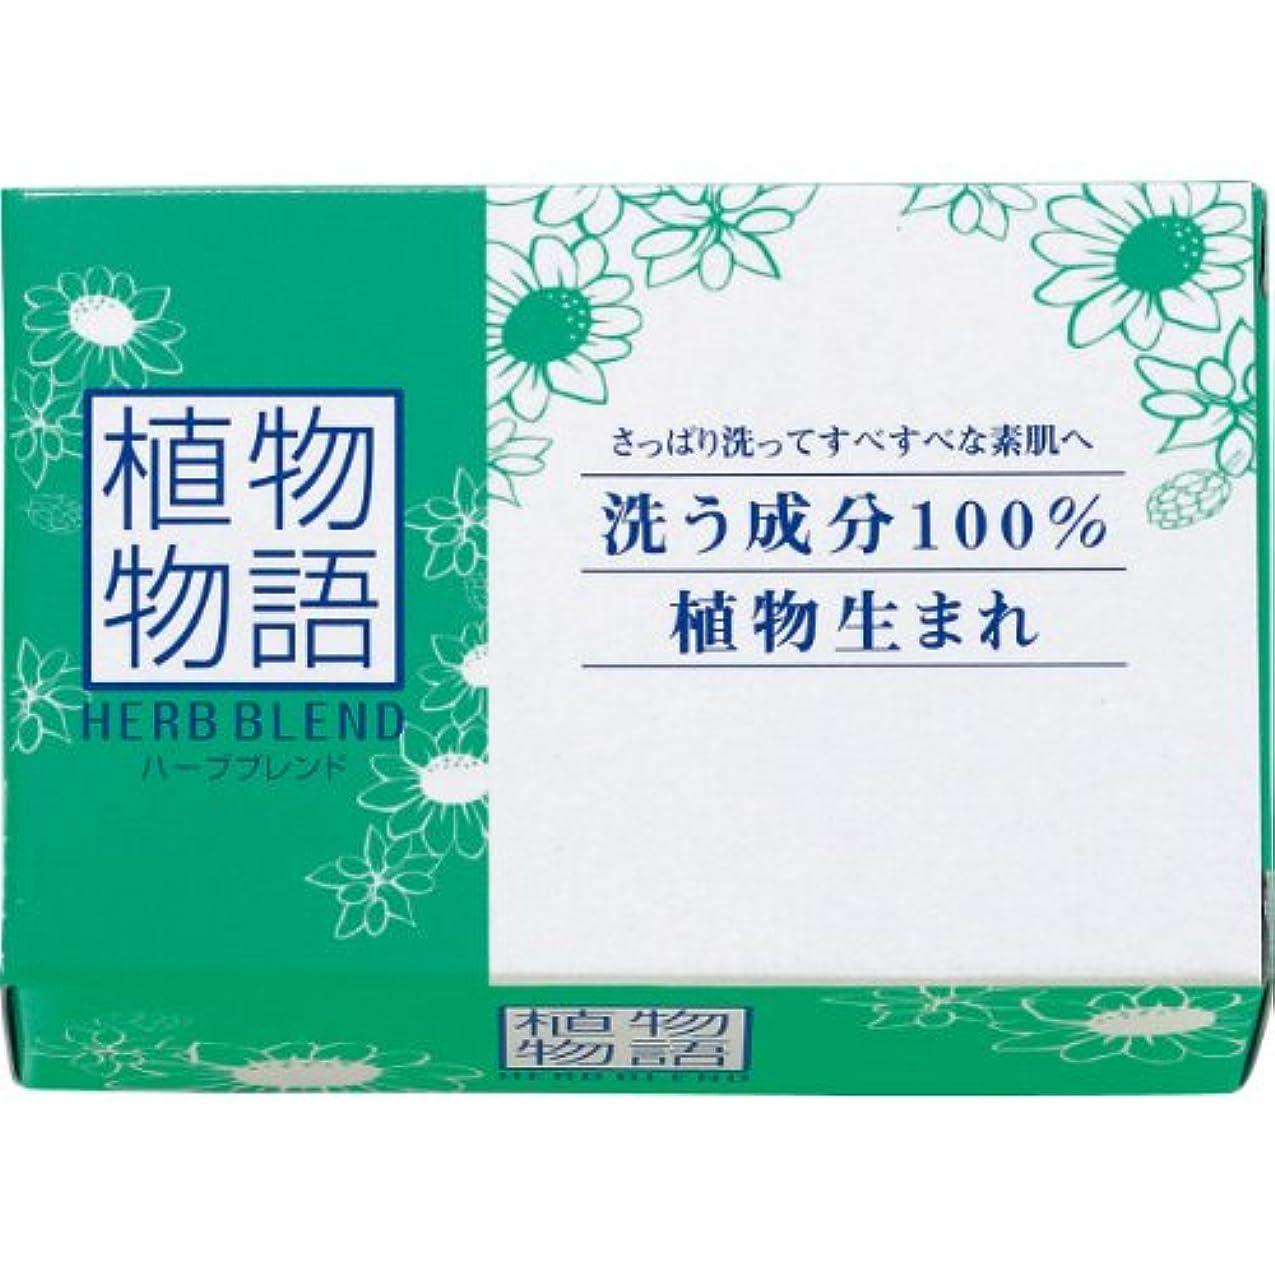 再生キャッチにぎやか【ライオン】植物物語ハーブブレンド 化粧石鹸 80g